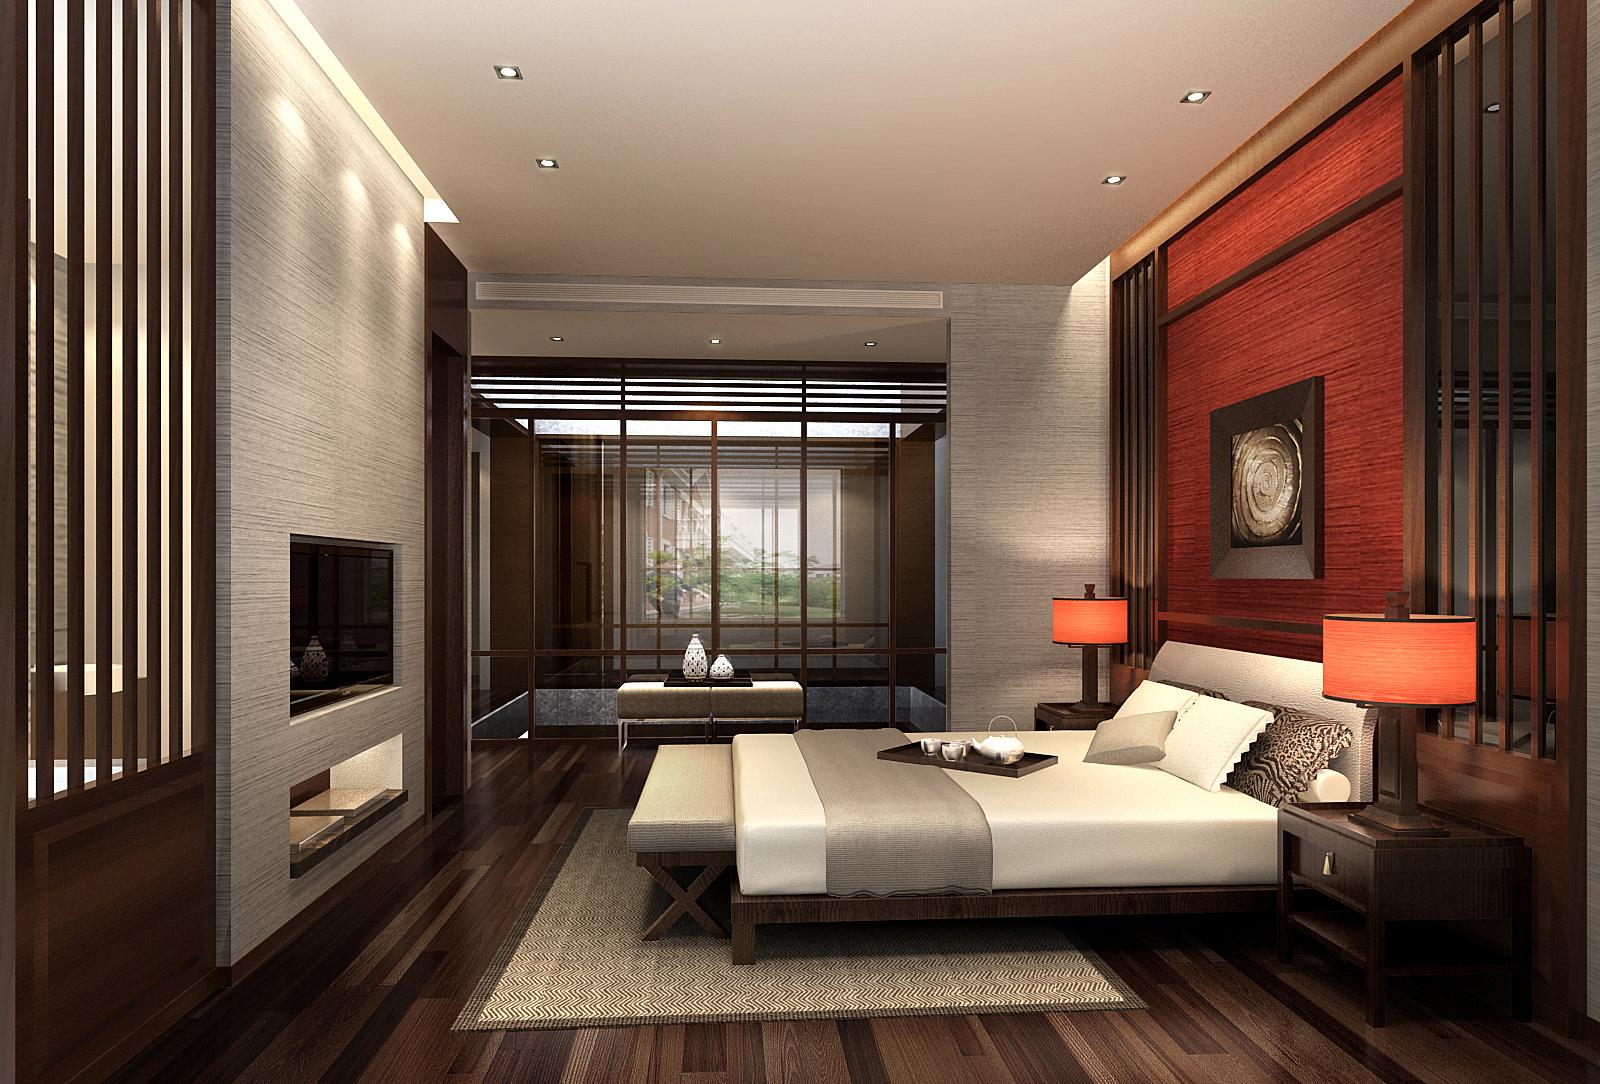 泽瀚峰景-53平小户型现代美式卧室装修效果图 中式卧室装修效果图